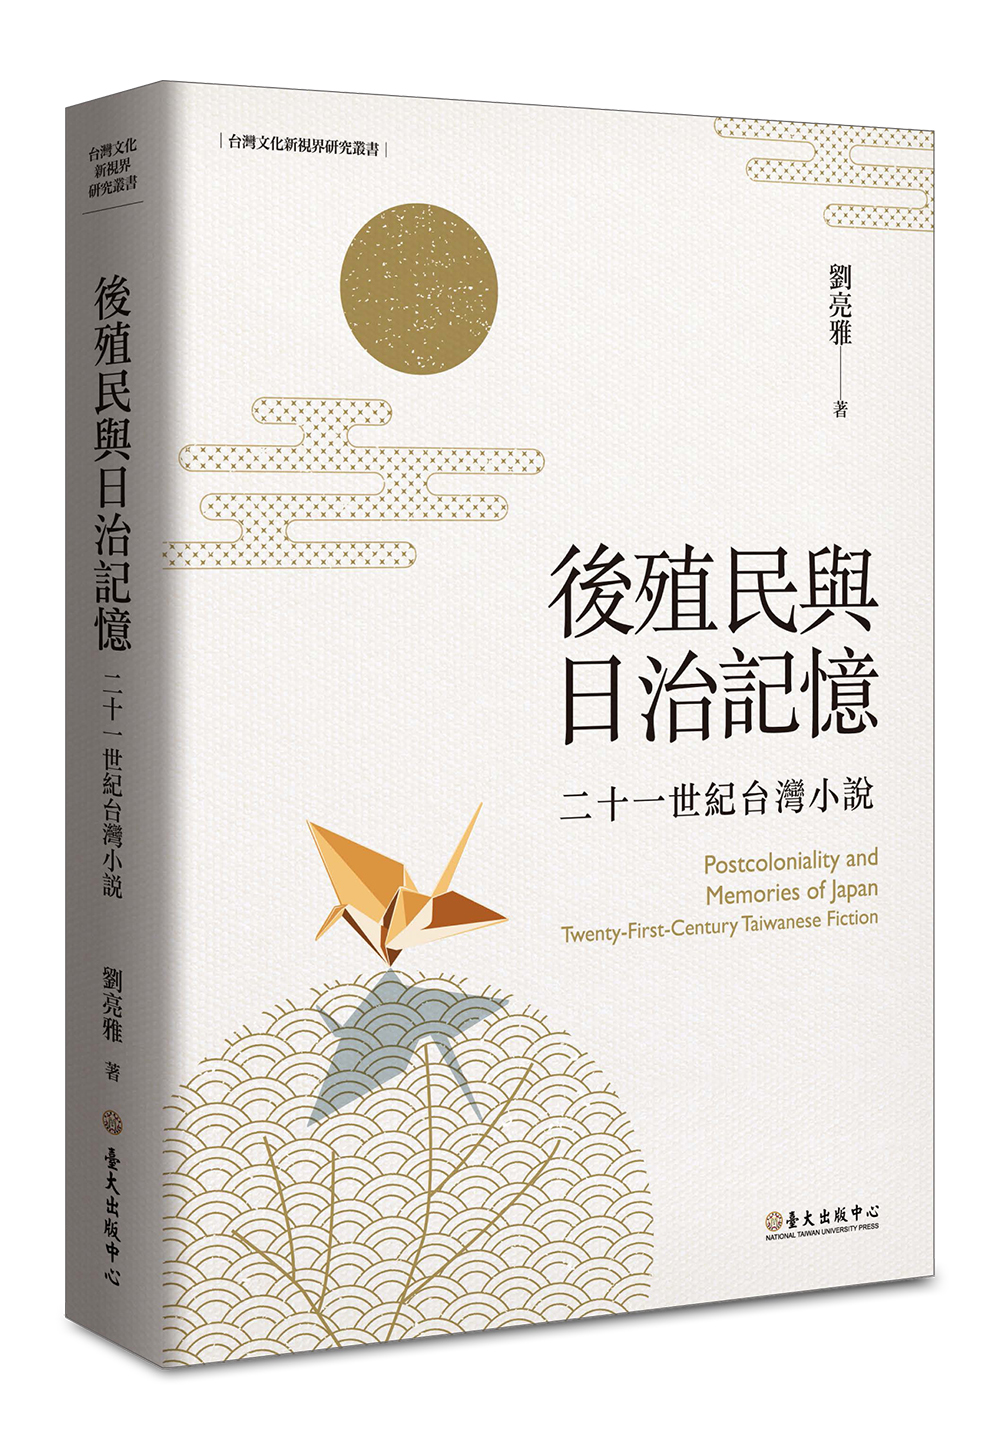 後殖民與日治記憶──二十一世紀台灣小說